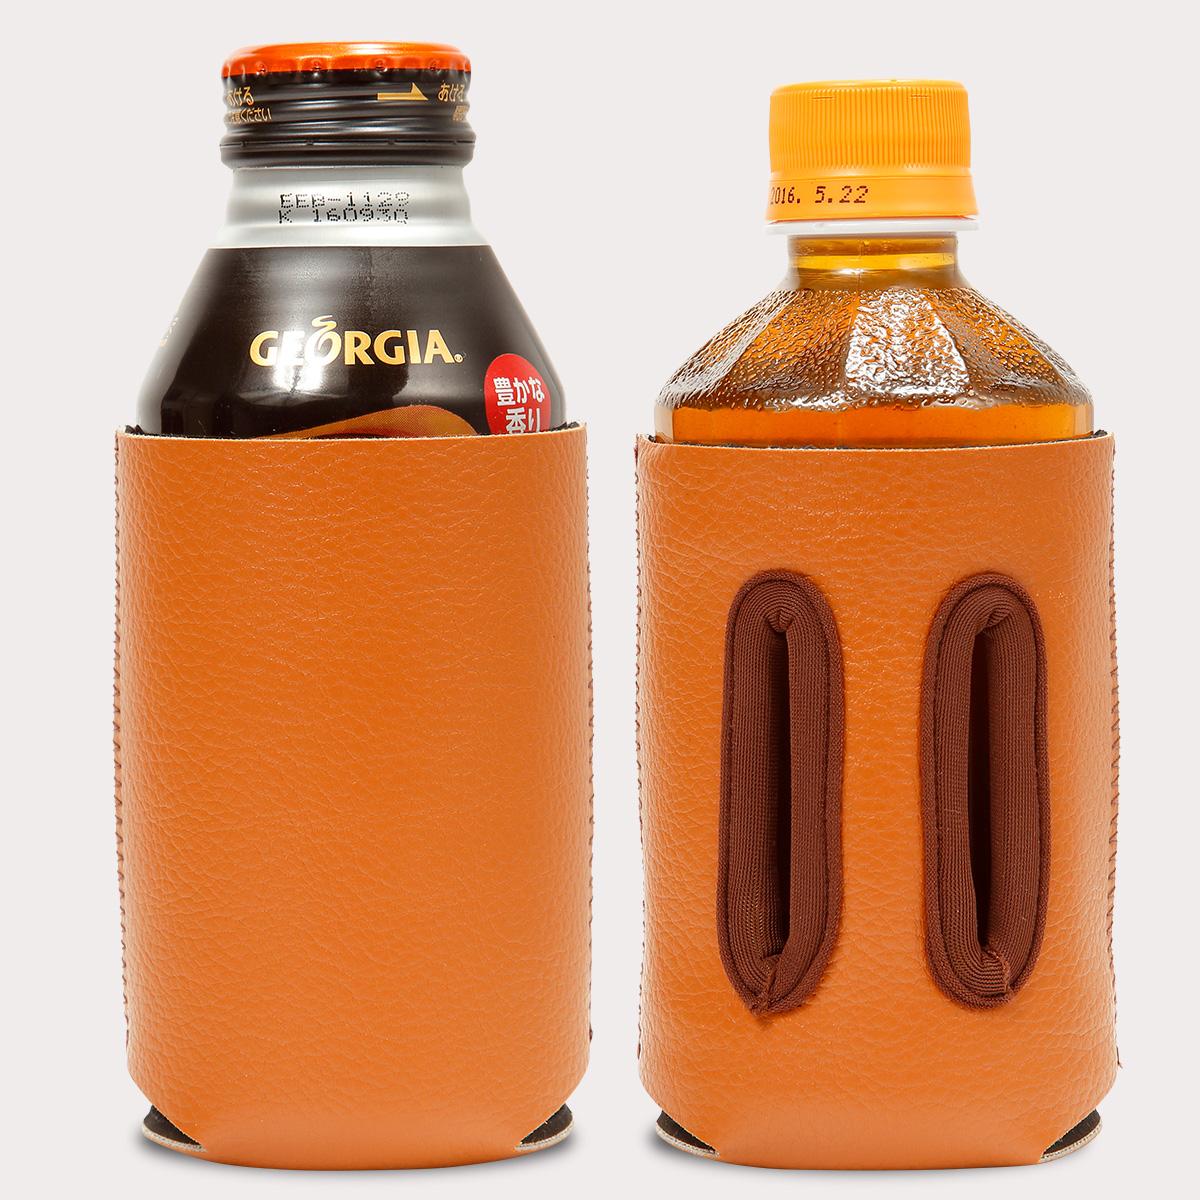 通せるクージー350はペットボトルにも使えます